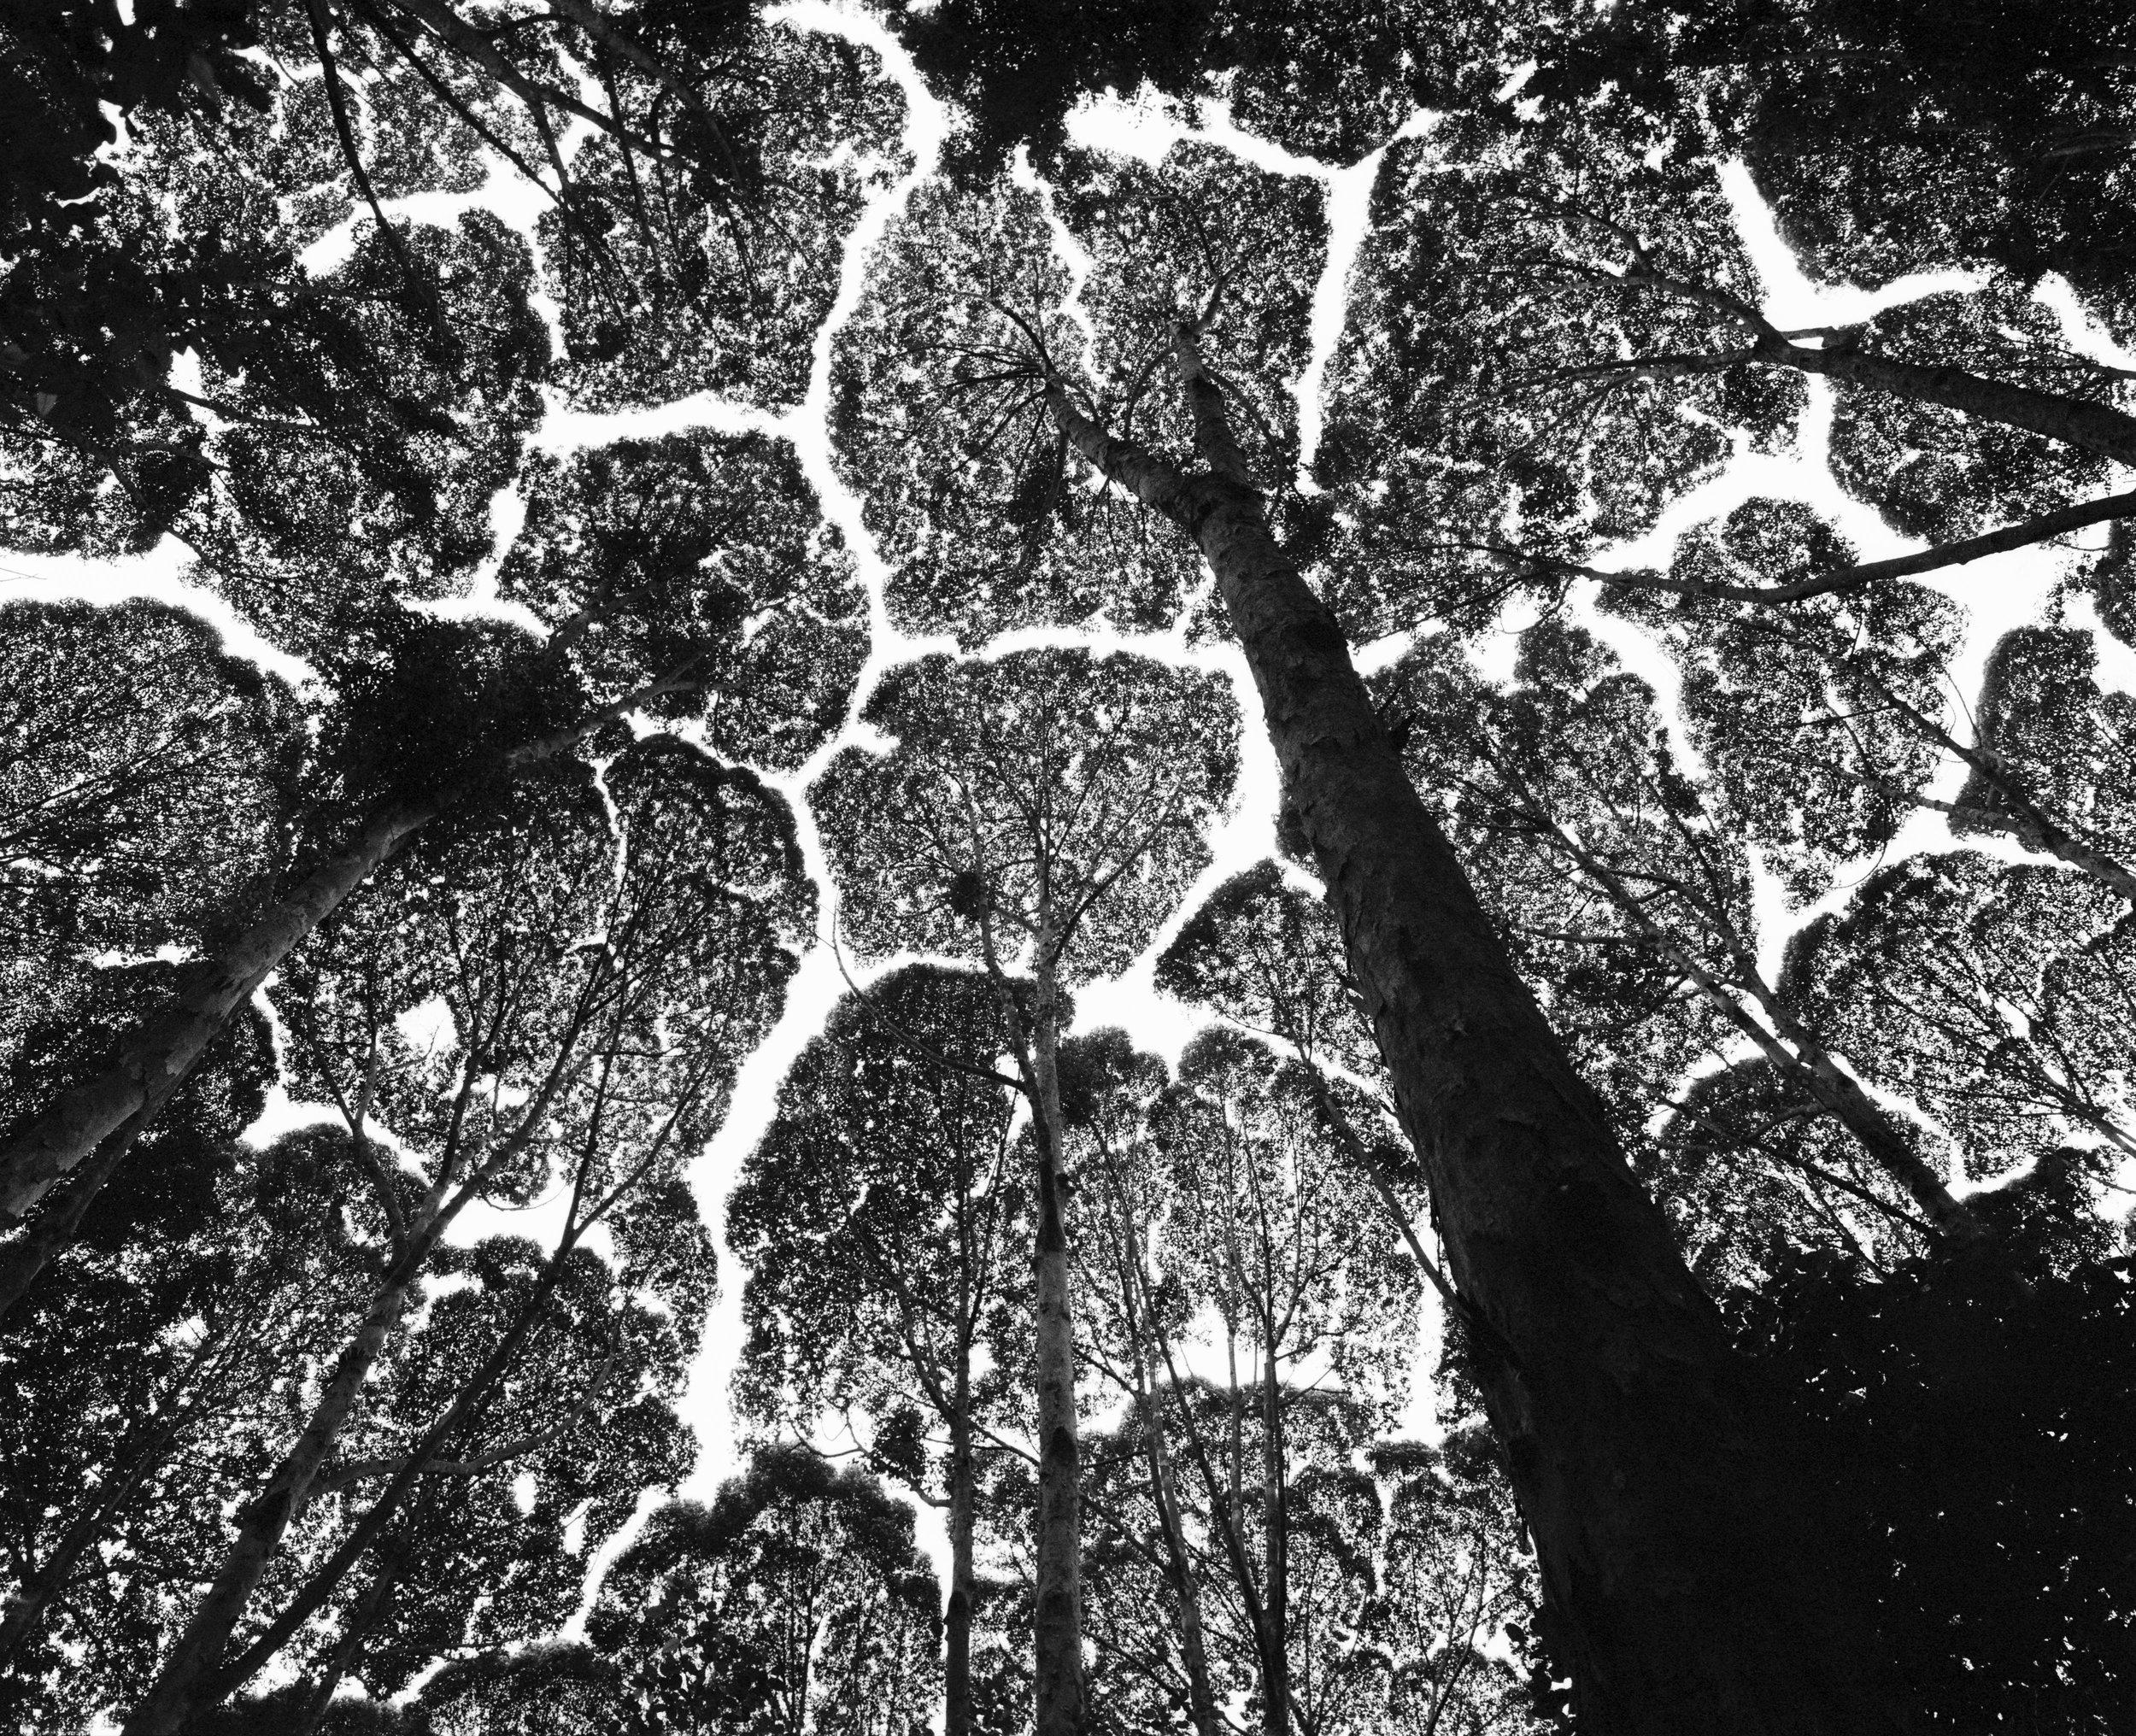 나무의 부끄럼(tree shyness)이라고도 불리는 수관의 상호 회피 현상